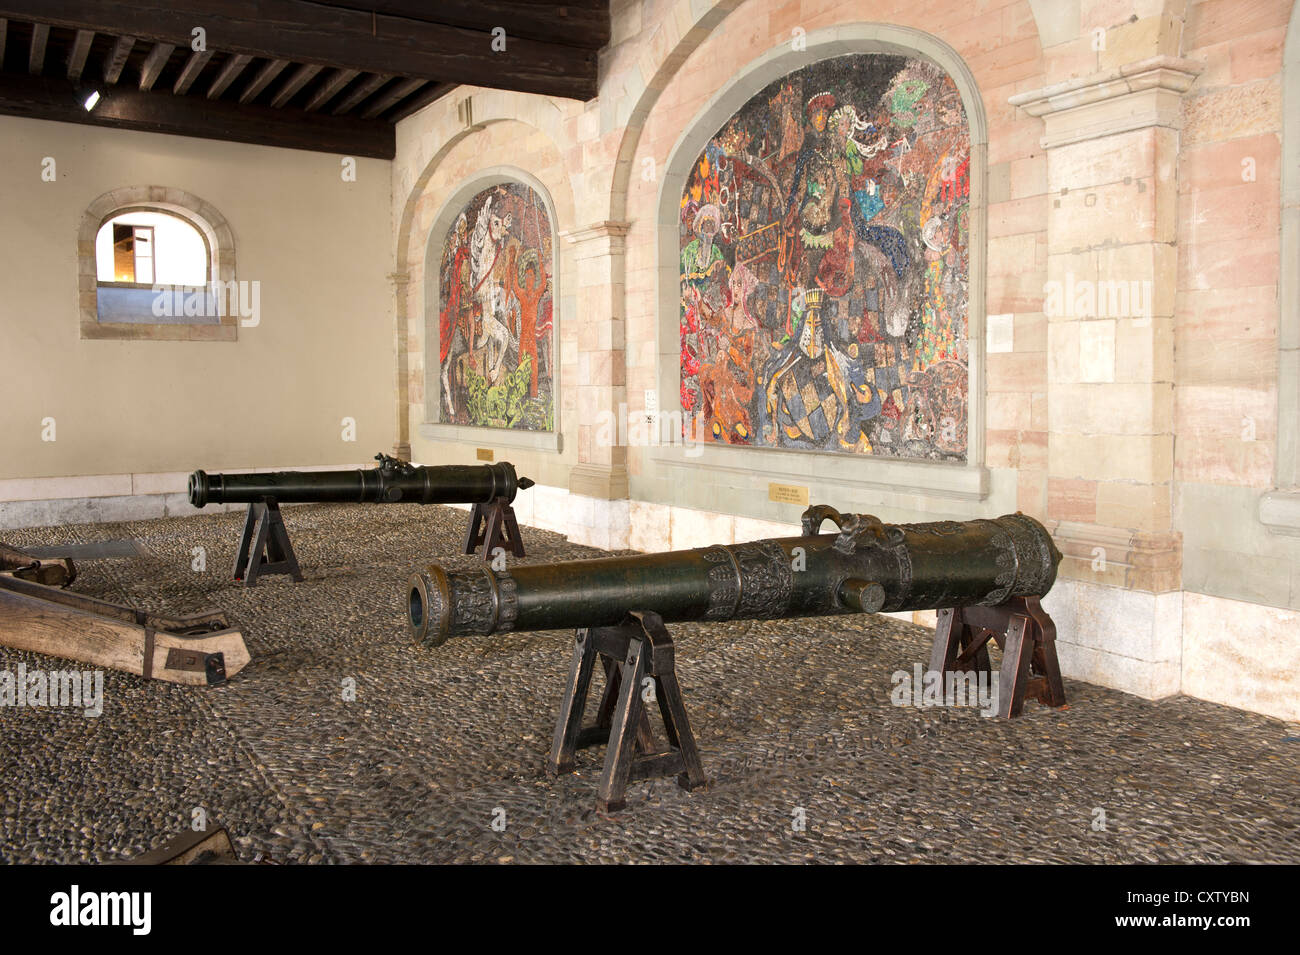 Mittelalterliche Waffen der Genfer Artillerie im ehemaligen Arsenal, Genf, Schweiz Stockbild